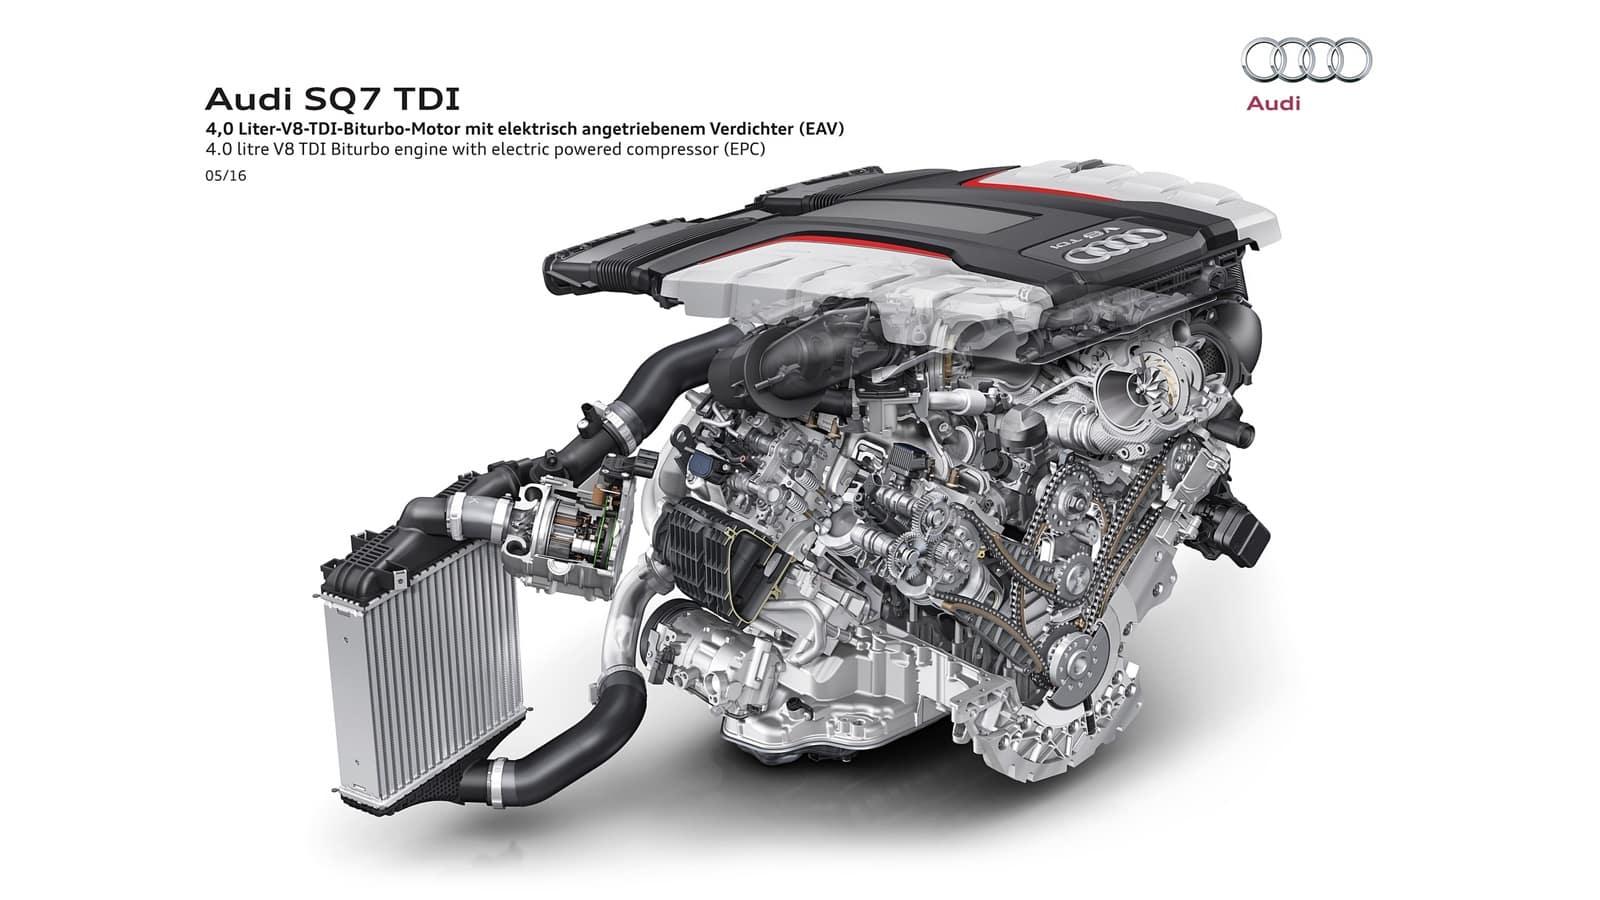 turbocompresor electrico audi sq7 TDI sin turbolag